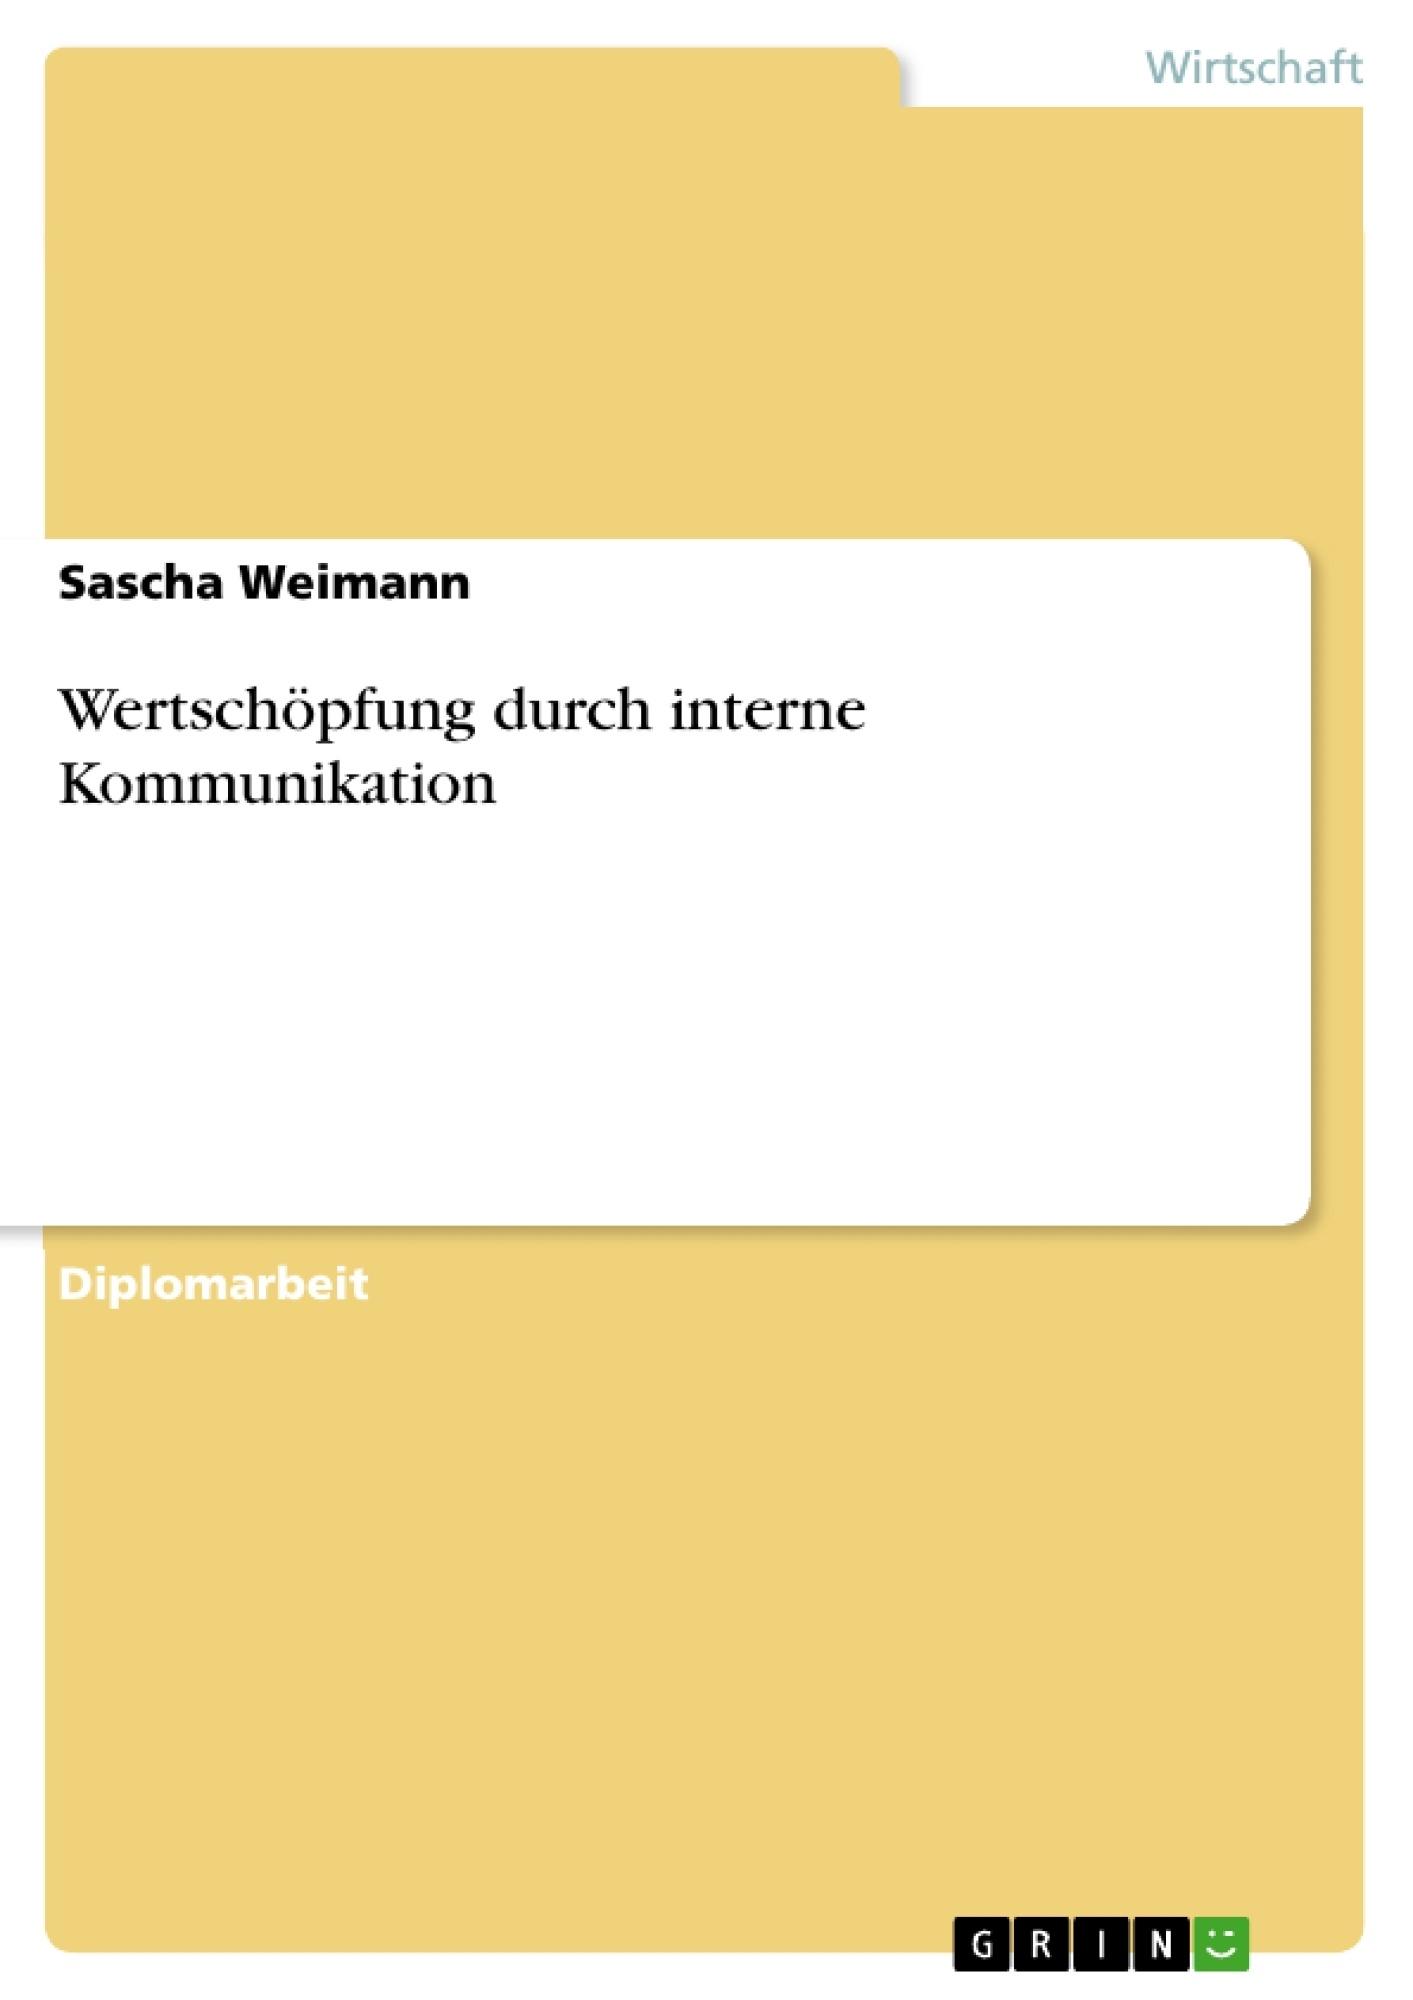 Titel: Wertschöpfung durch interne Kommunikation